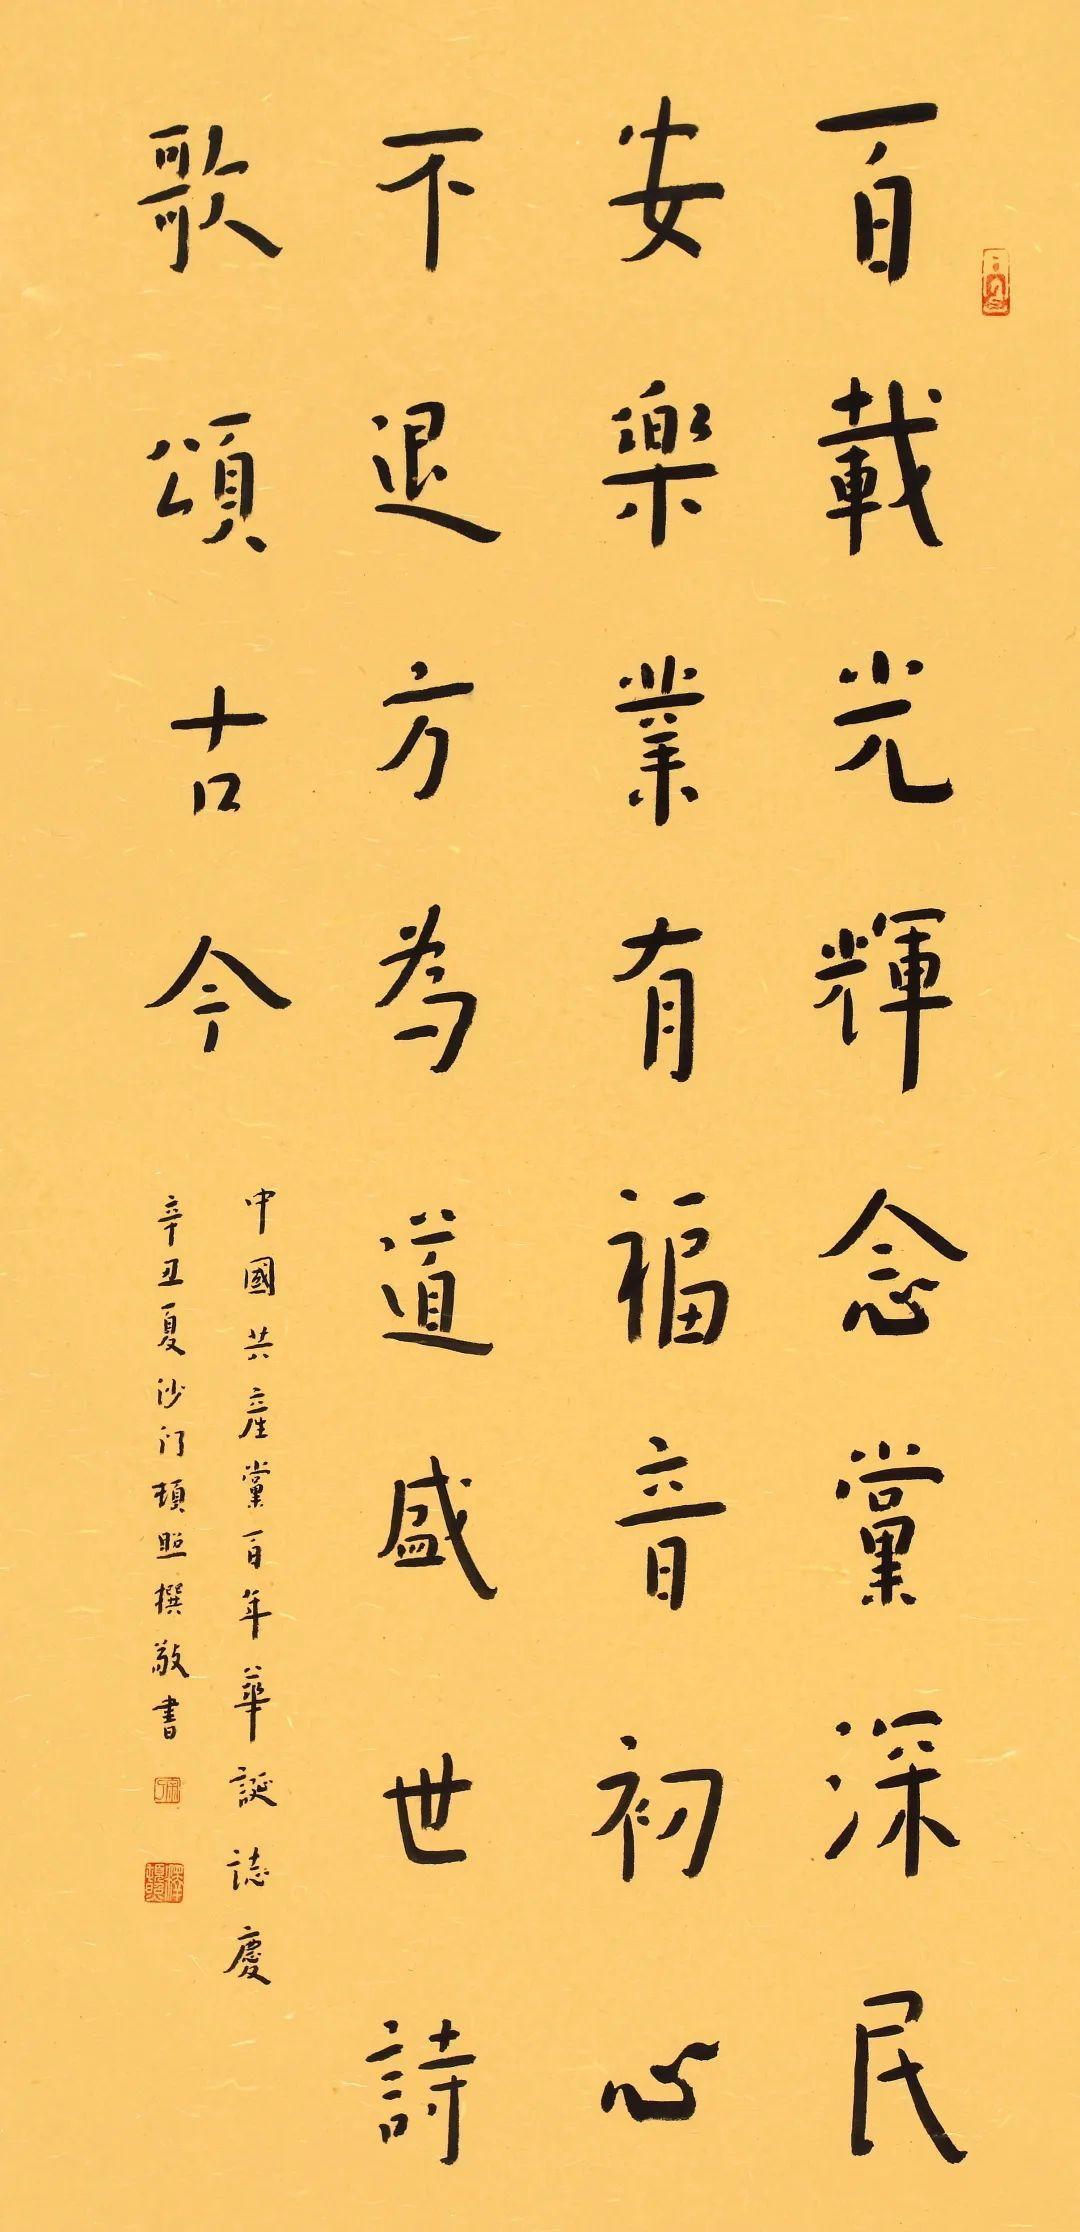 宁德市佛教协会副秘书长、福安市佛教协会副会长、福安市狮峰寺住持顿照法师